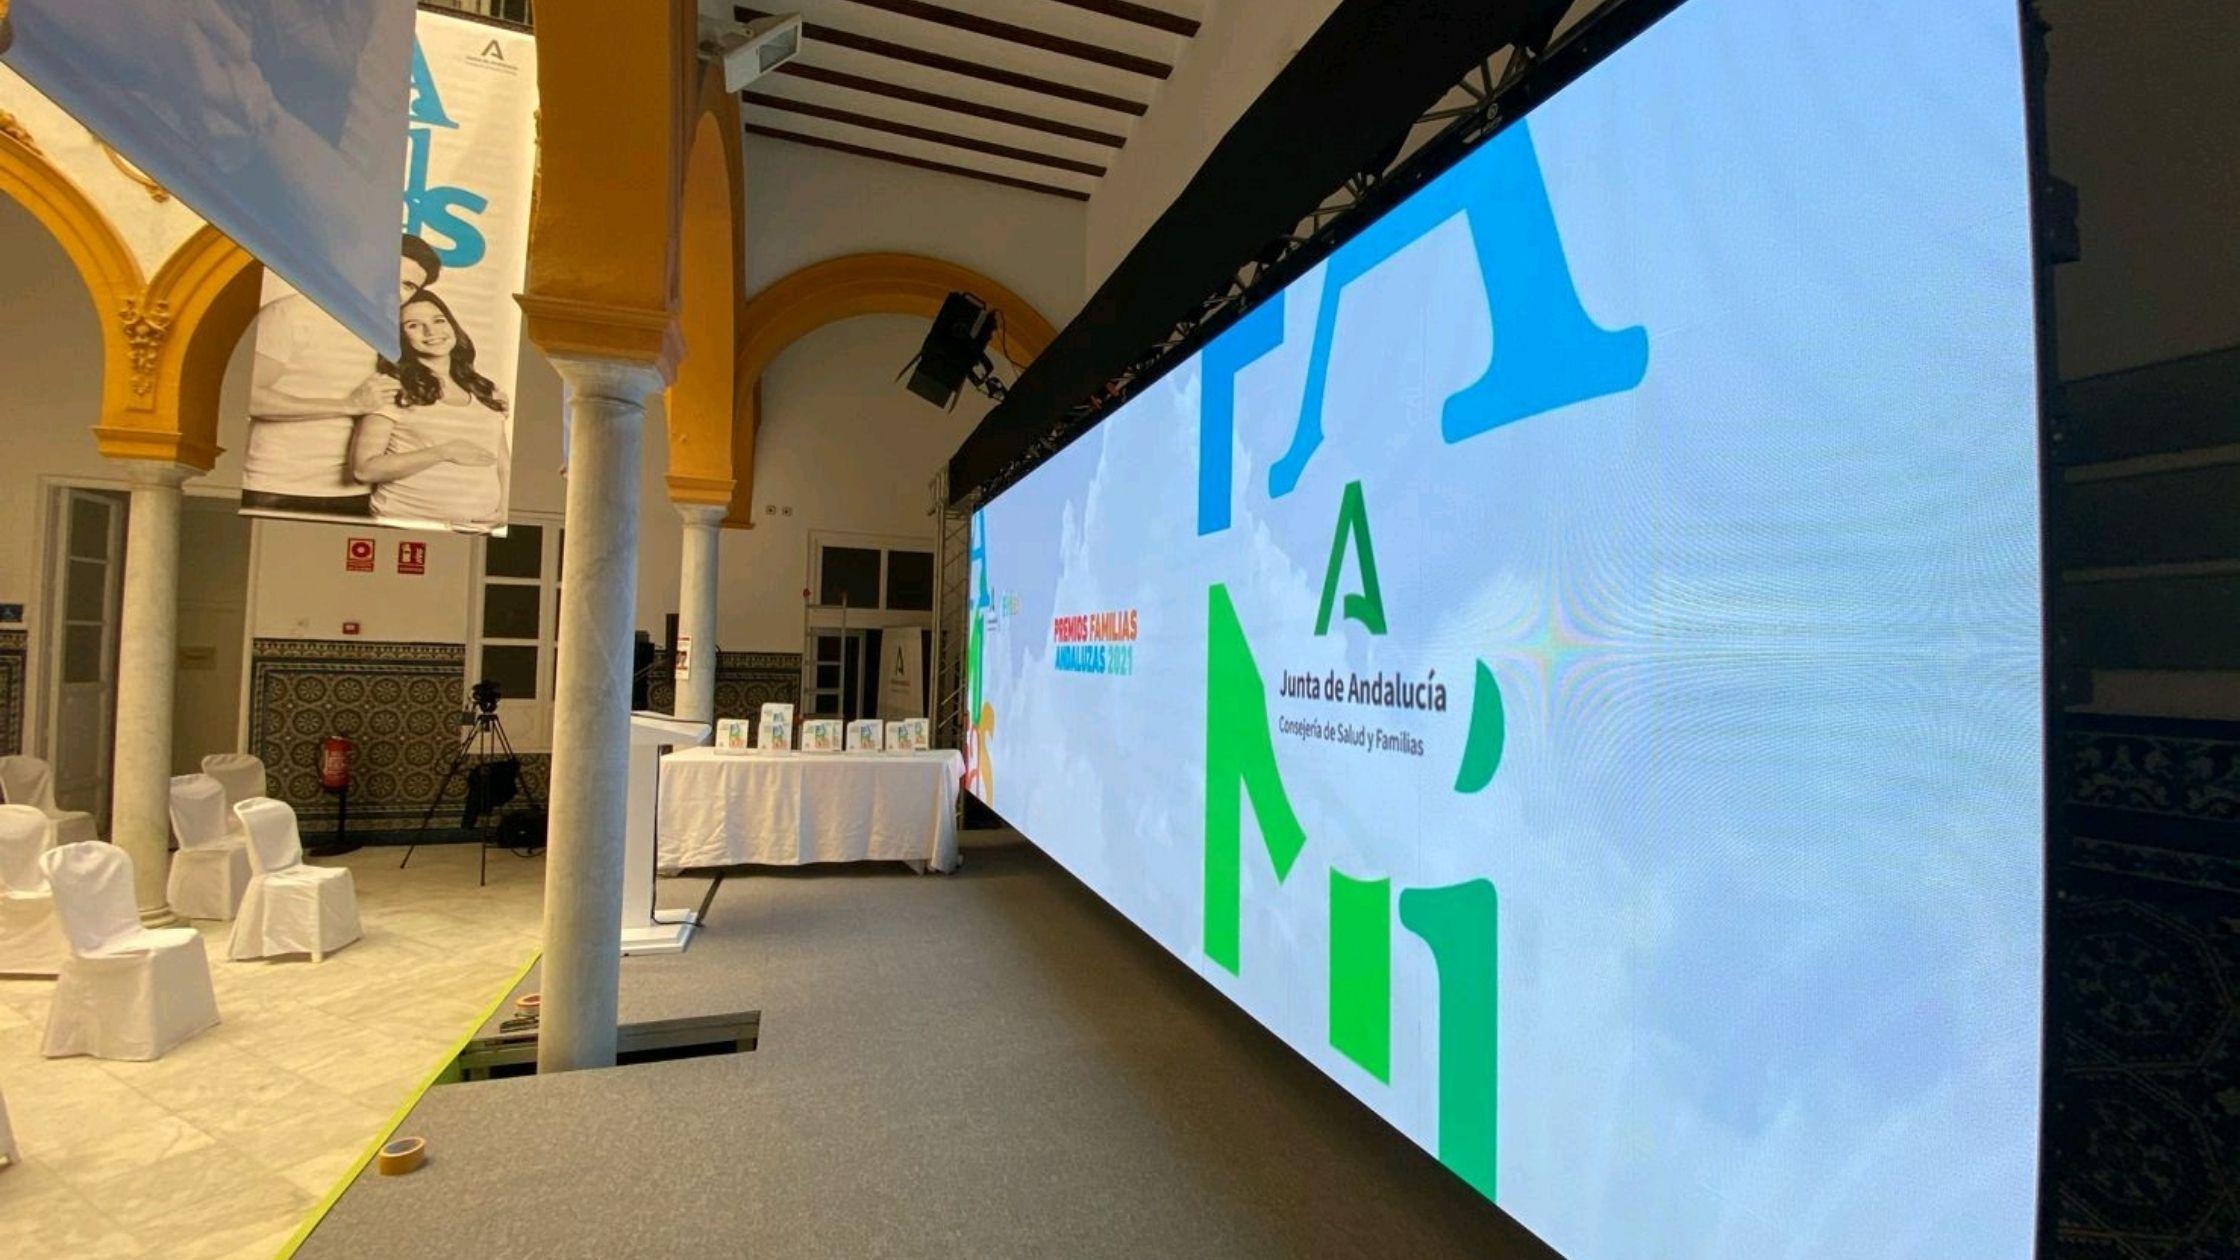 pantallas_led_congresos